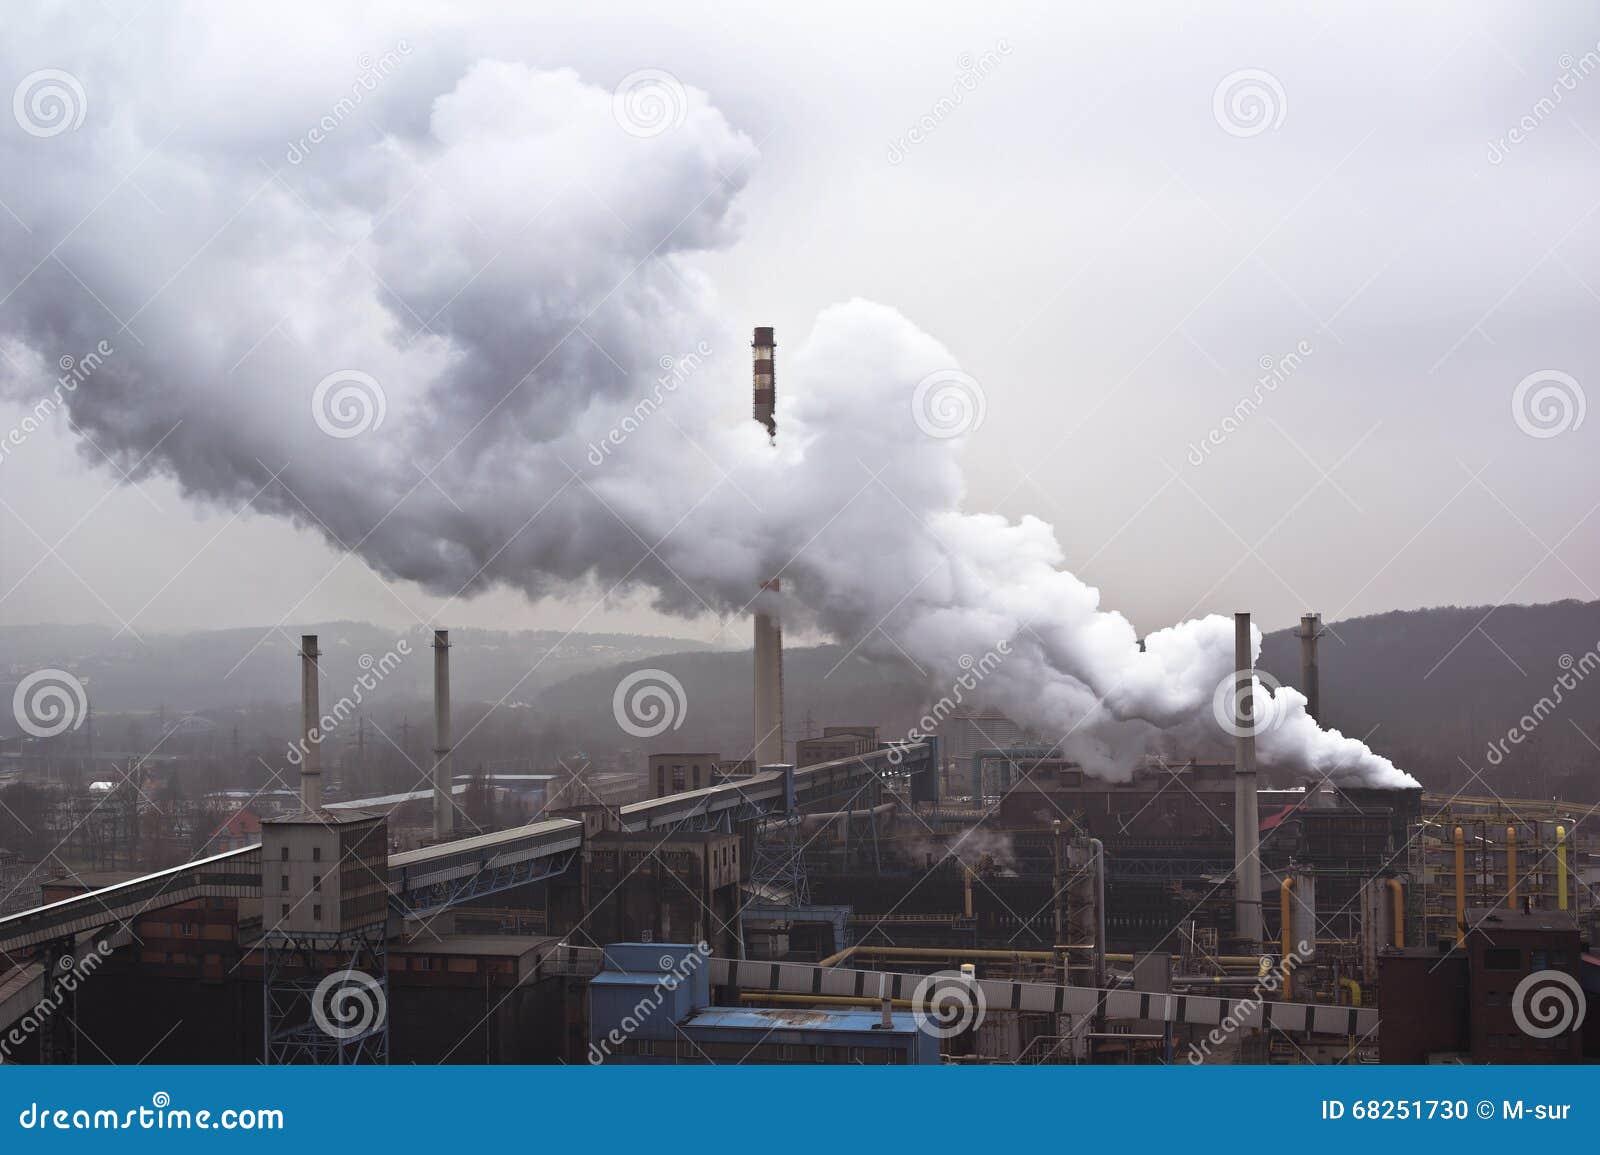 Fabriek met vele schoorstenen en grote rook, luchtvervuiling